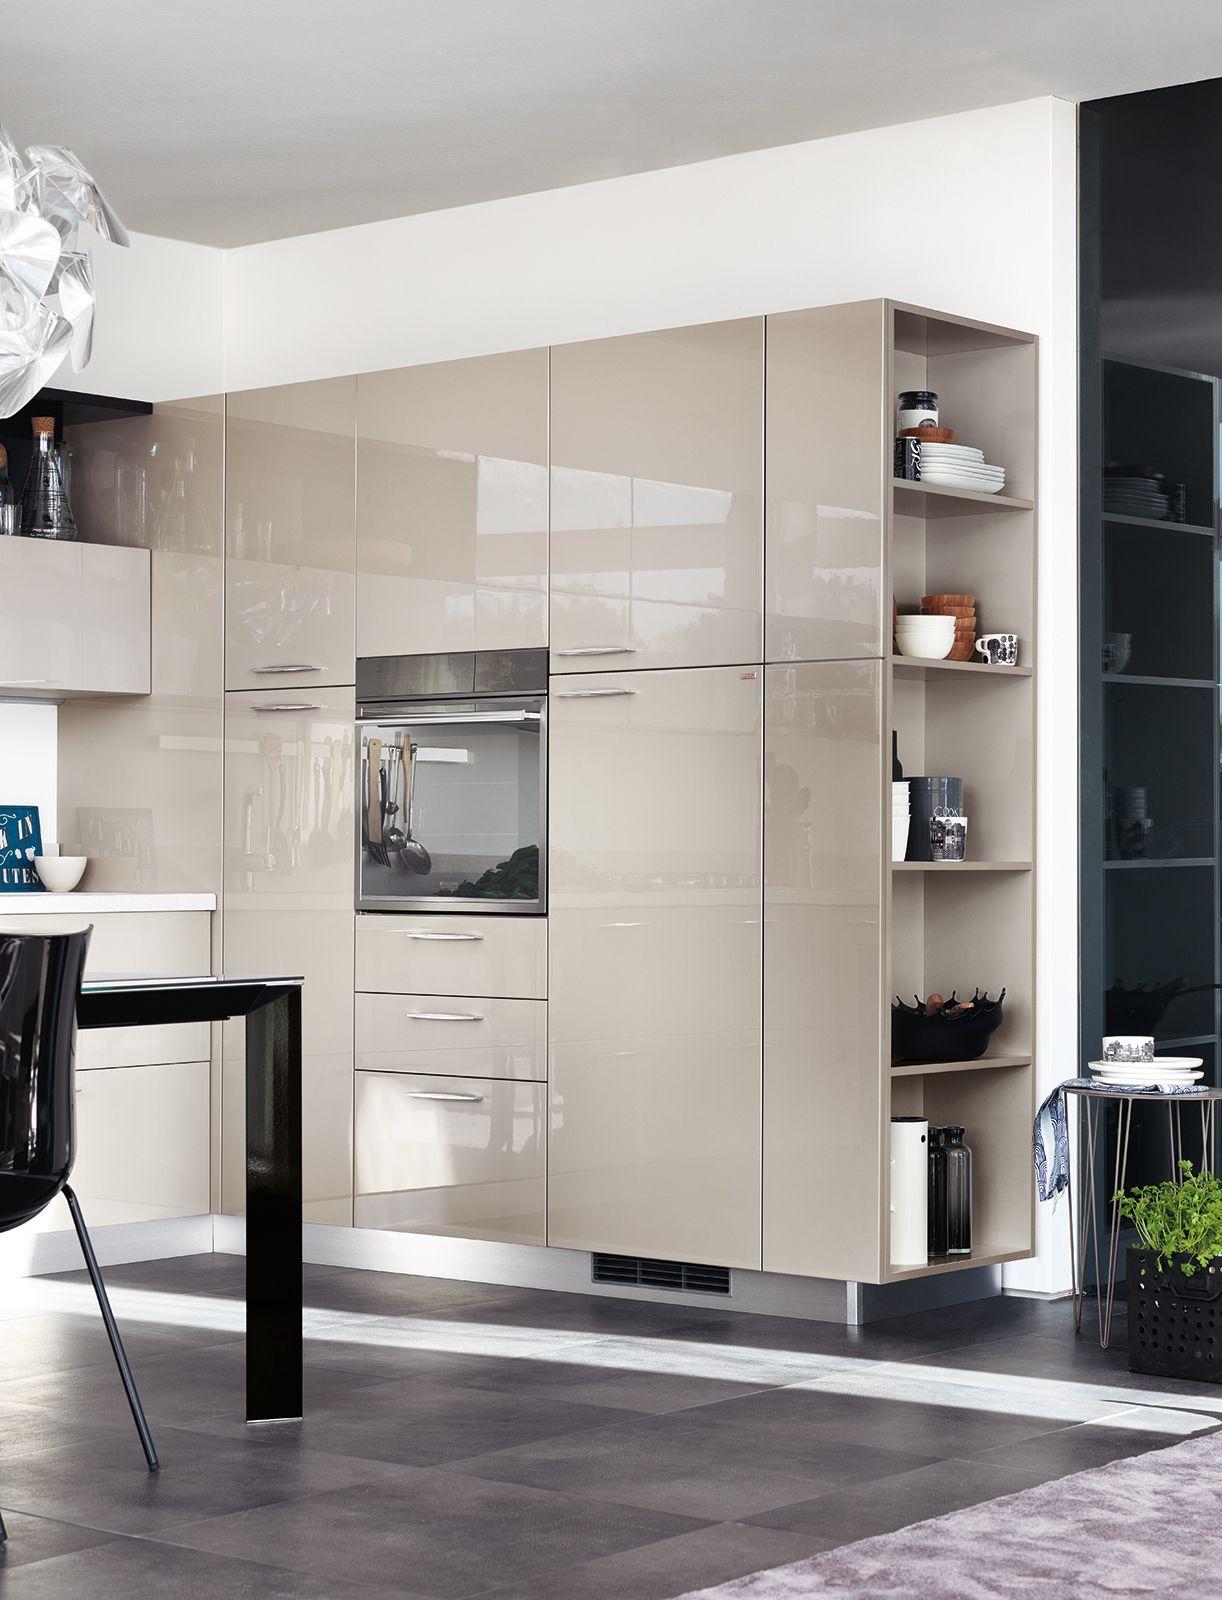 In cucina i vani a giorno fanno tendenza | Cucina